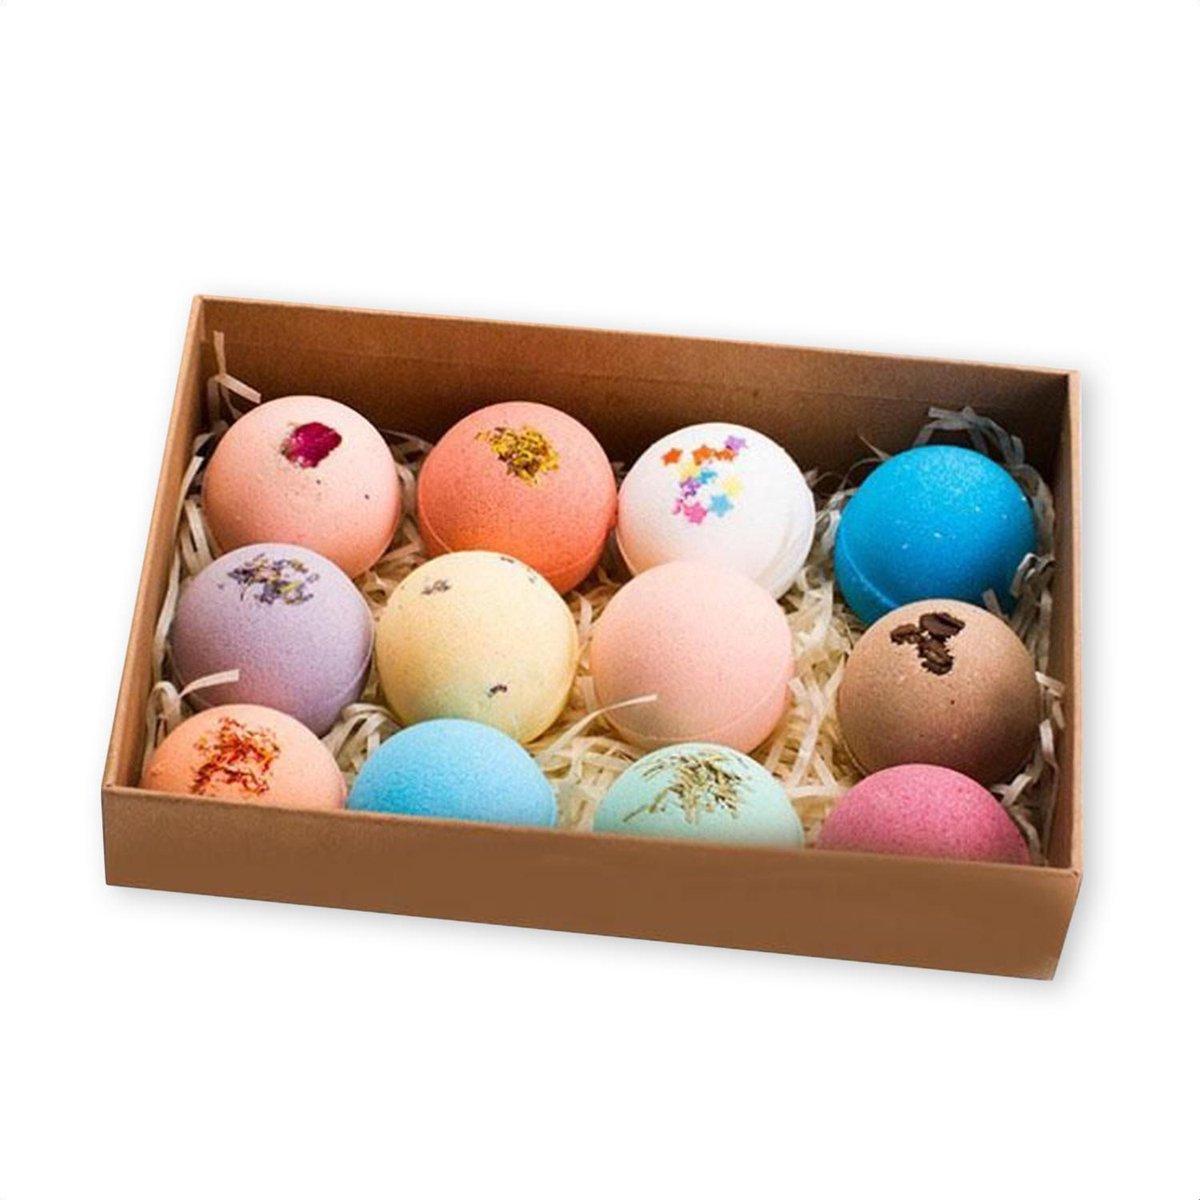 SensaHome 100% Natuurlijke Bruisballen voor in Bad - 12 Etherische Aroma Badbommen - Handmade Bath B